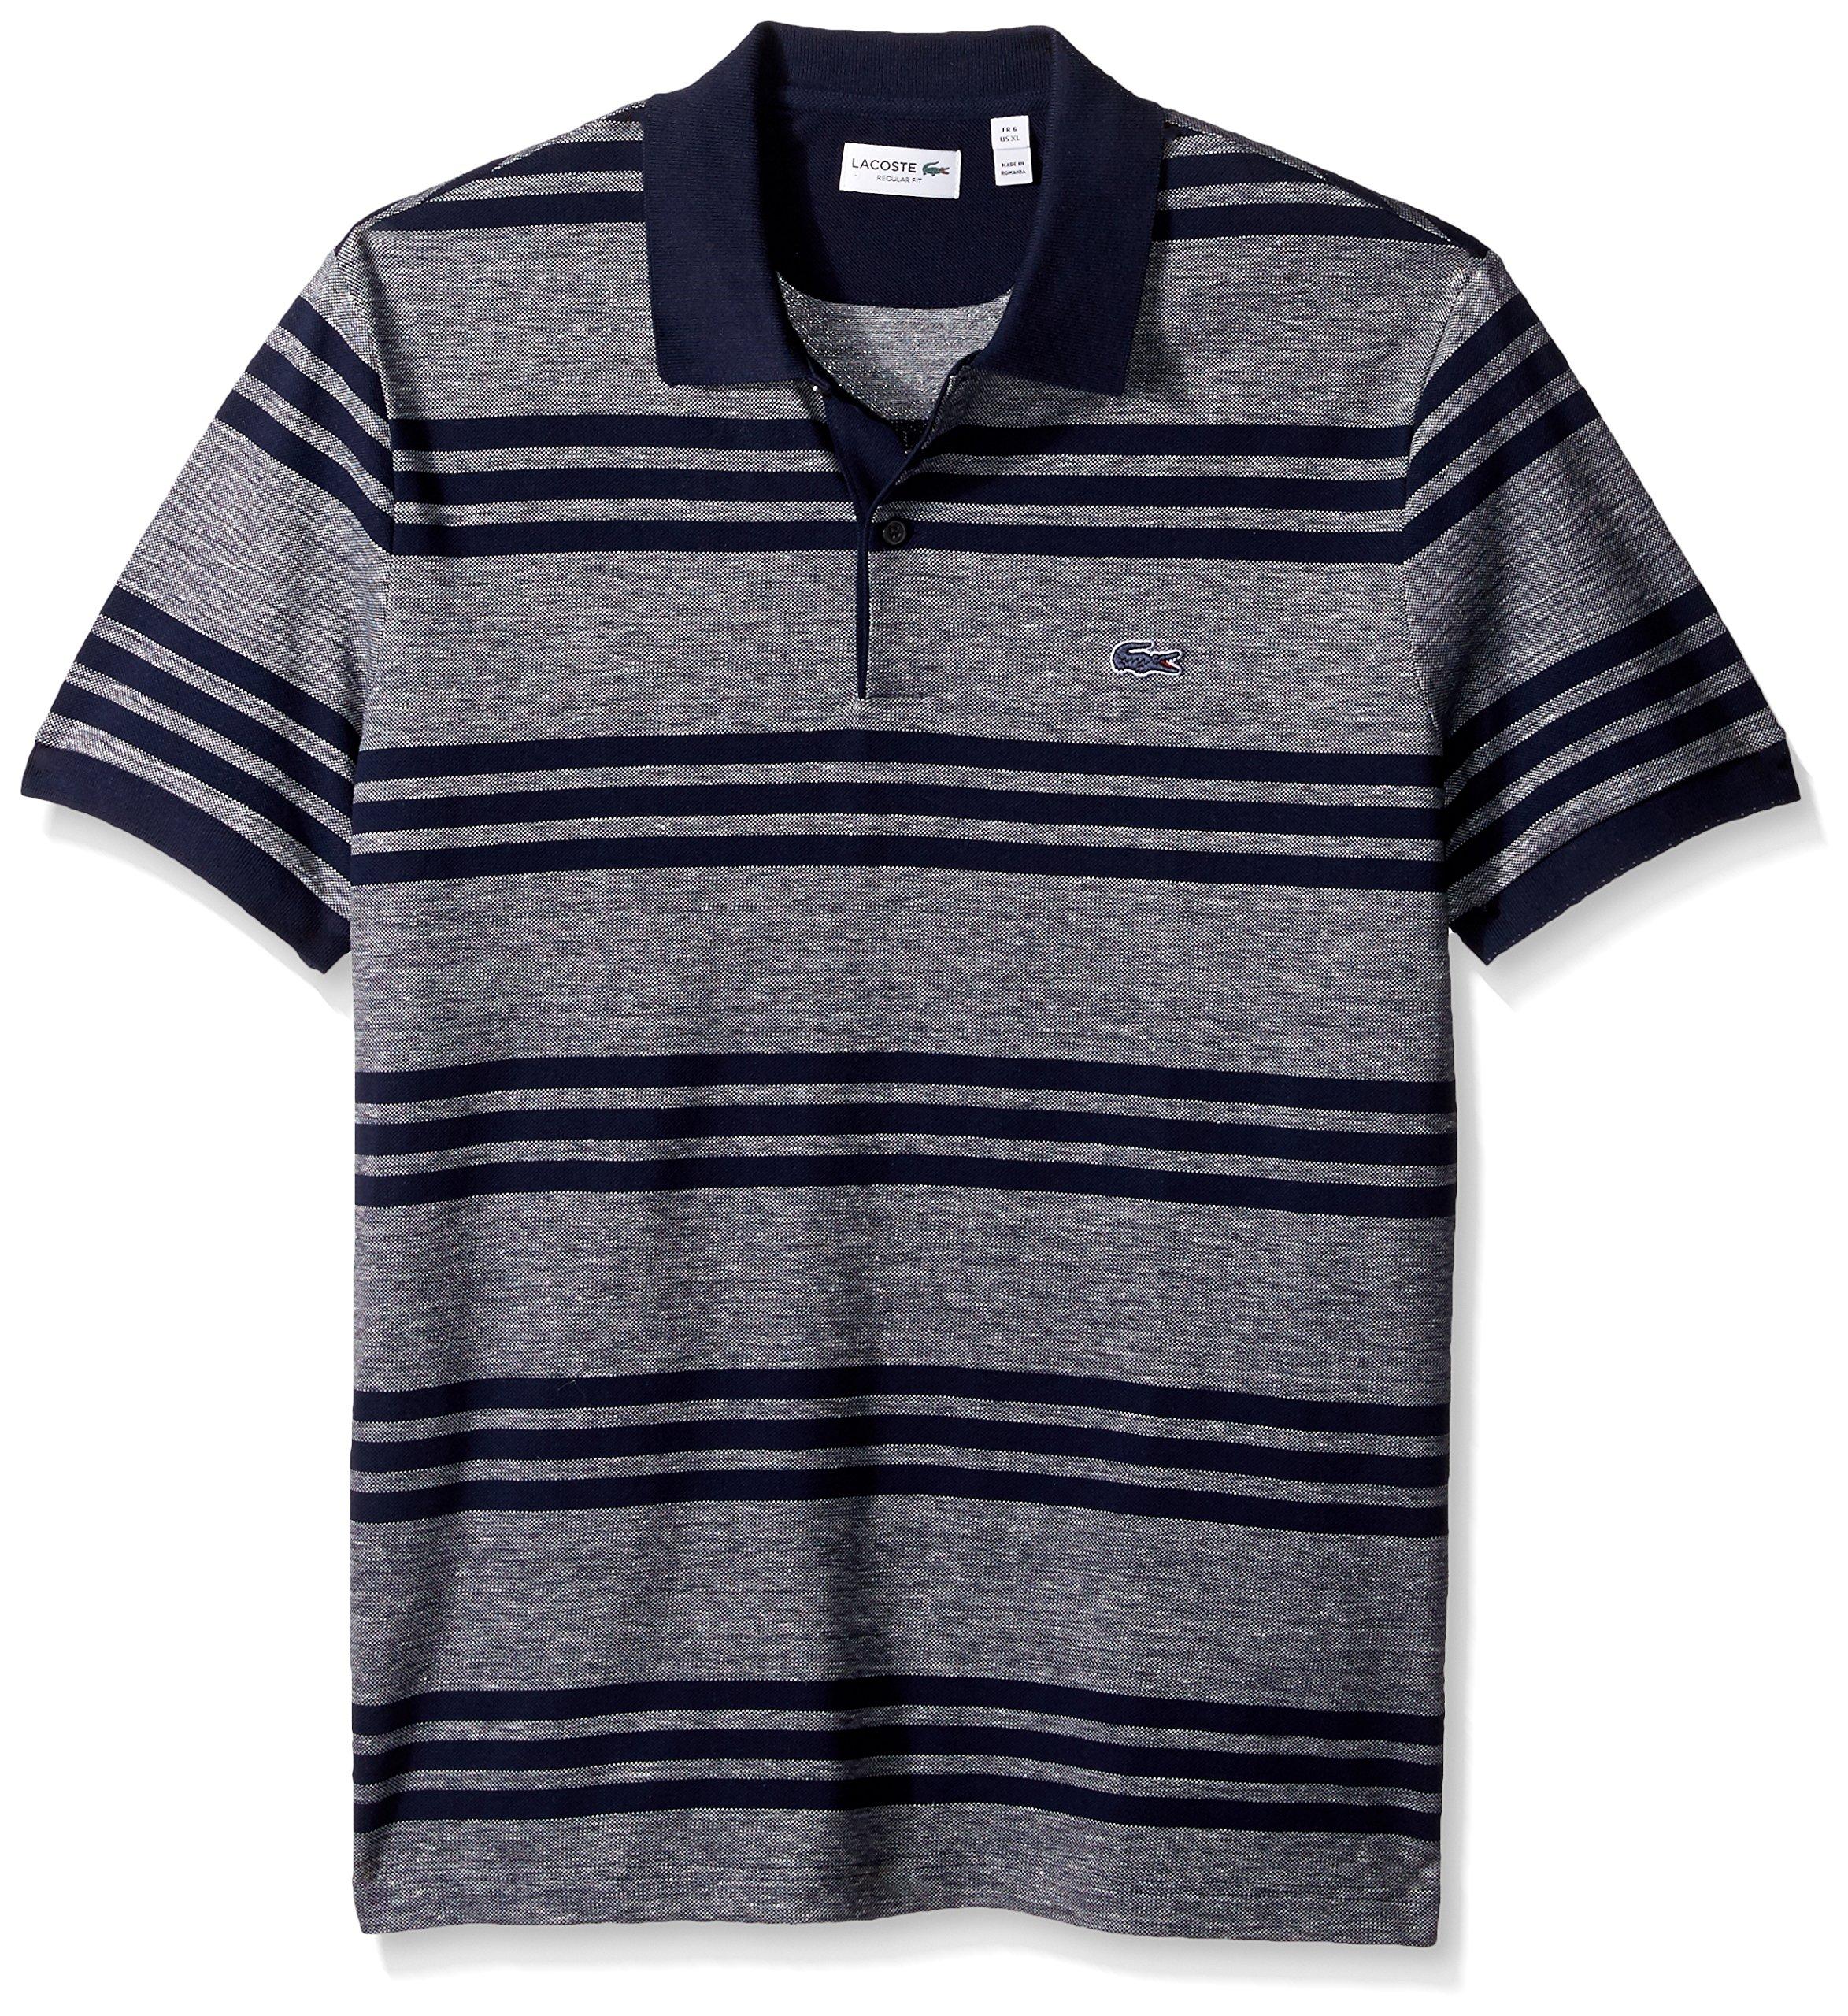 Lacoste Men's Father's Day Linen/Cotton Stripe Birds Eye Pique Polo, PH2072, Navy Blue/Flour-Navy Blue, XL